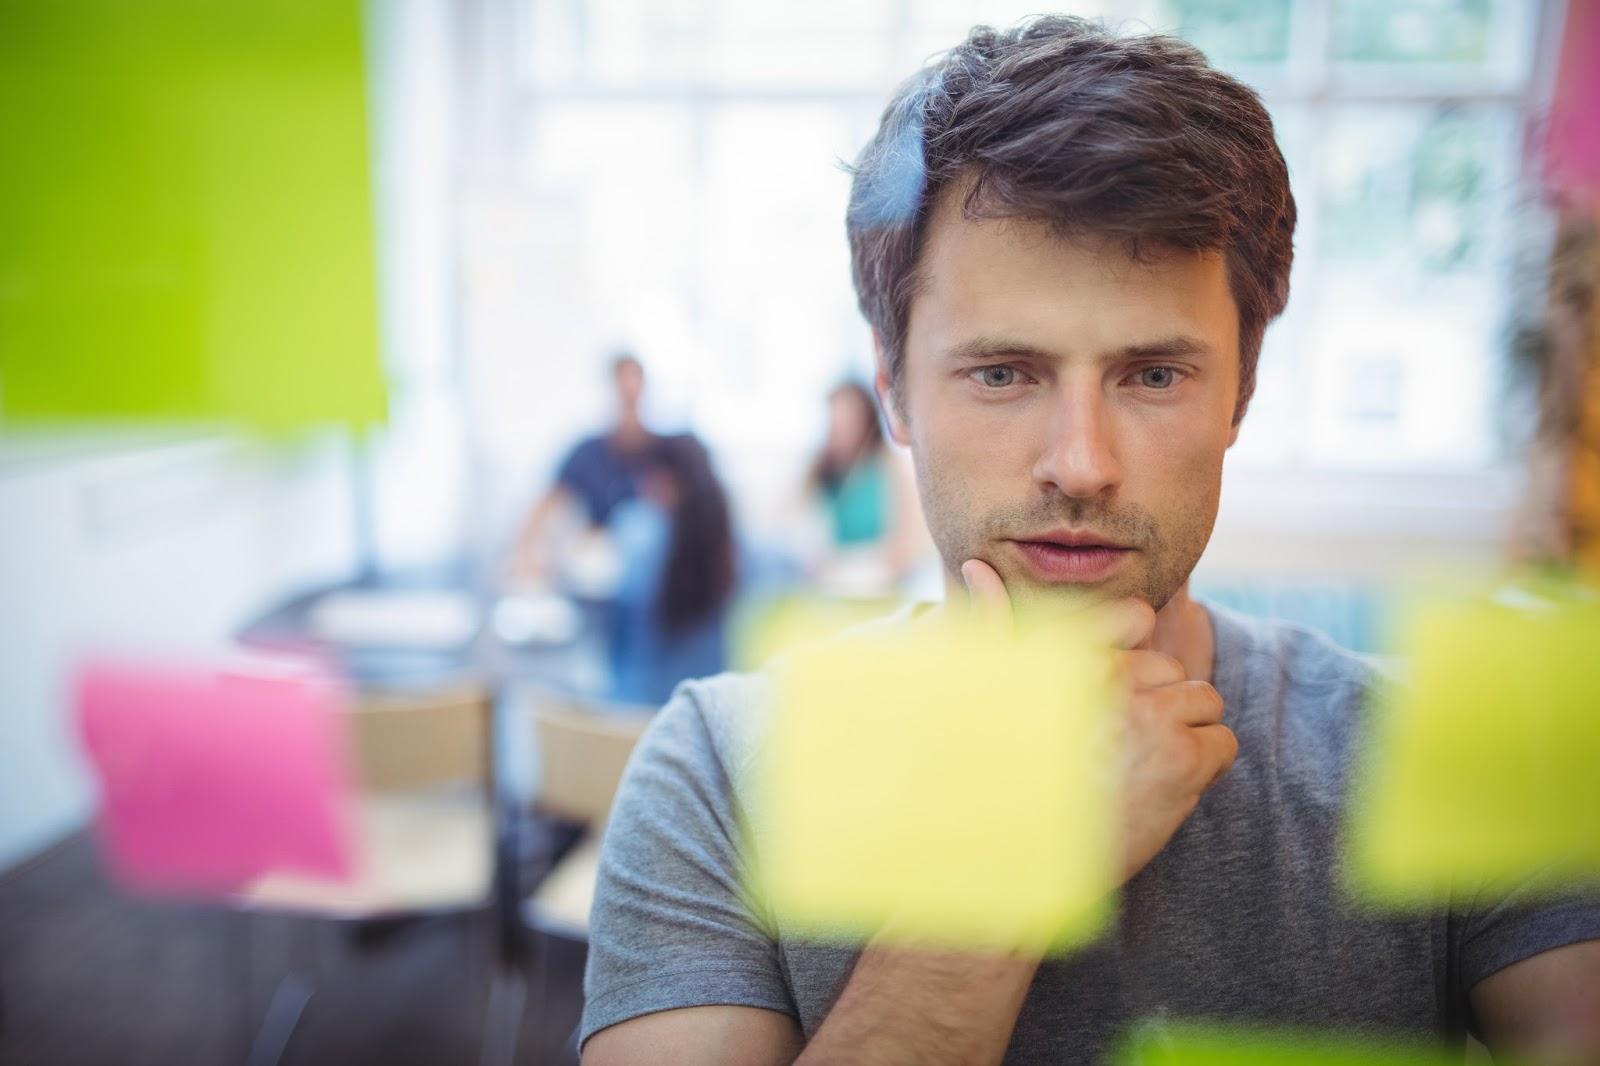 Vendedores: Quiere ser un Vendedor Innovador?